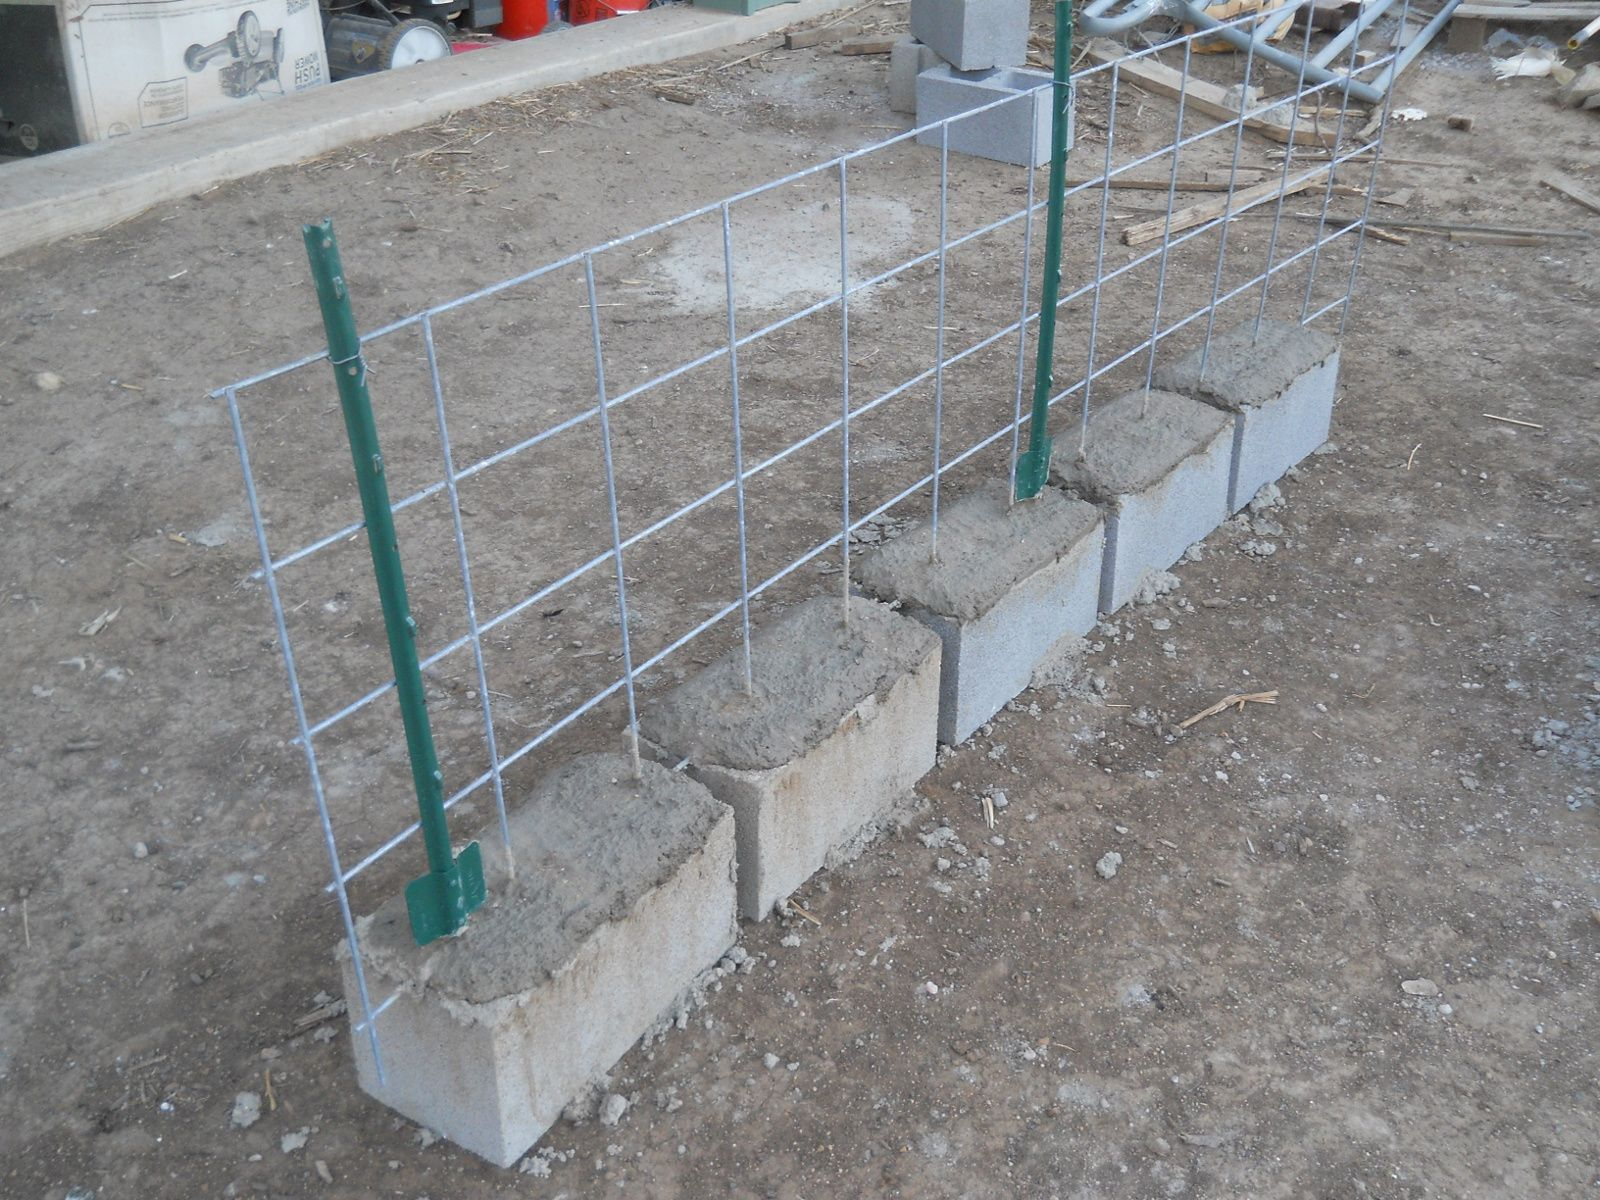 Hogs Hogs On The Range Update I Pig Fence Cinderblock Fence Cinder Block